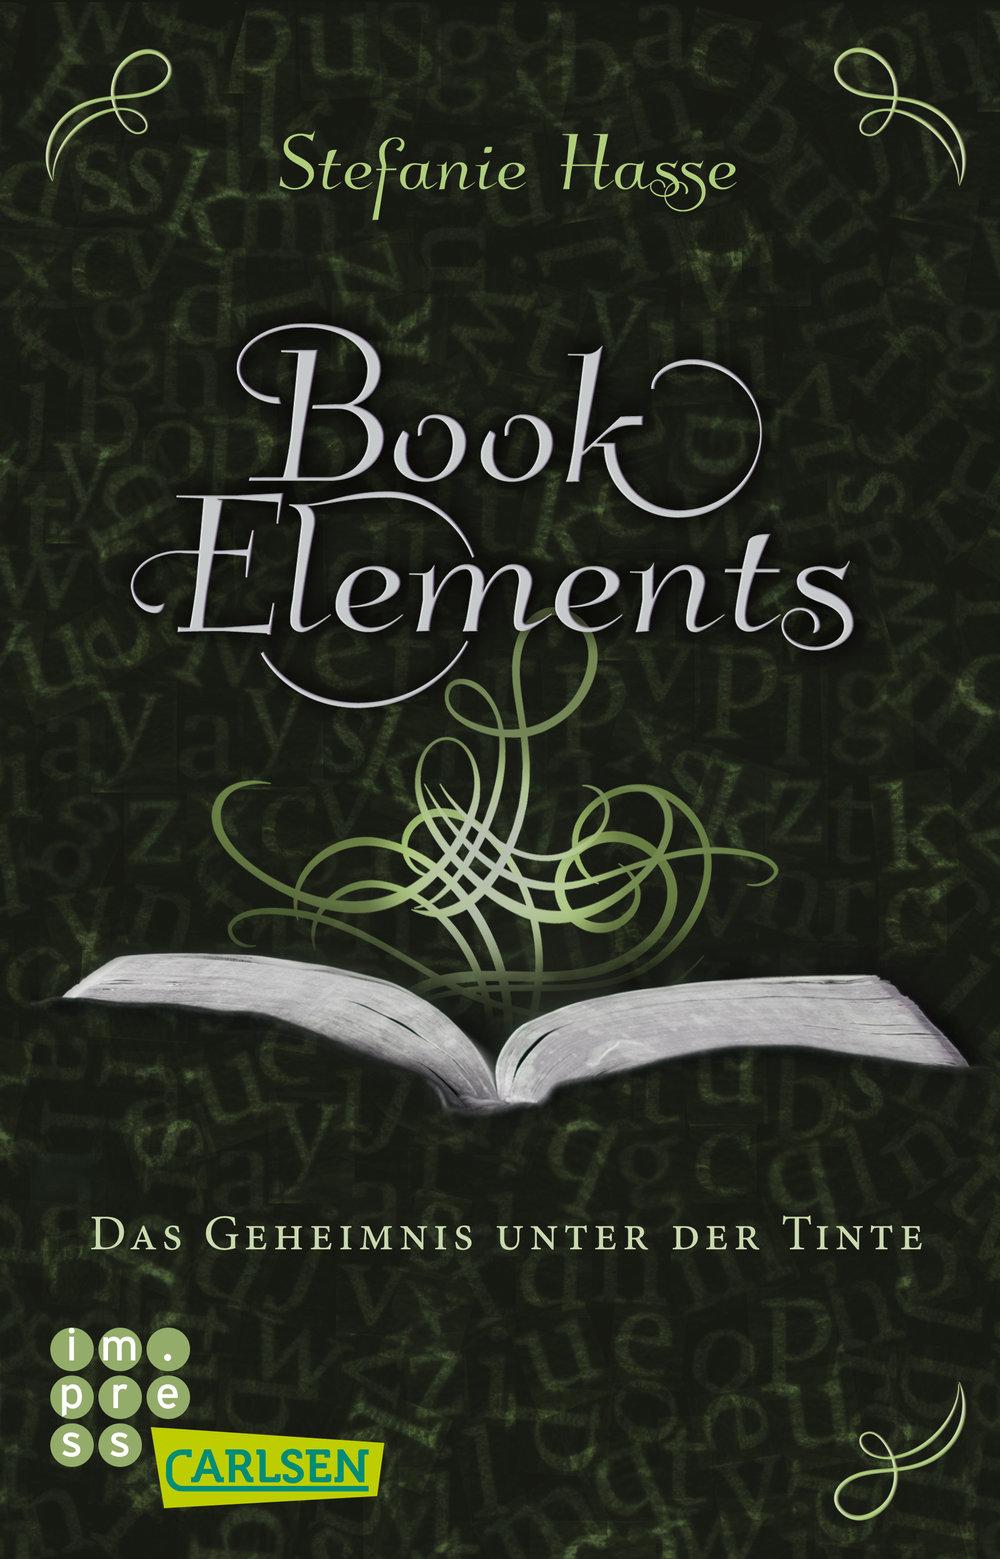 BookElements-2-Das-Geheimnis-unter-der-Tinte_Stefanie-Hasse.jpg